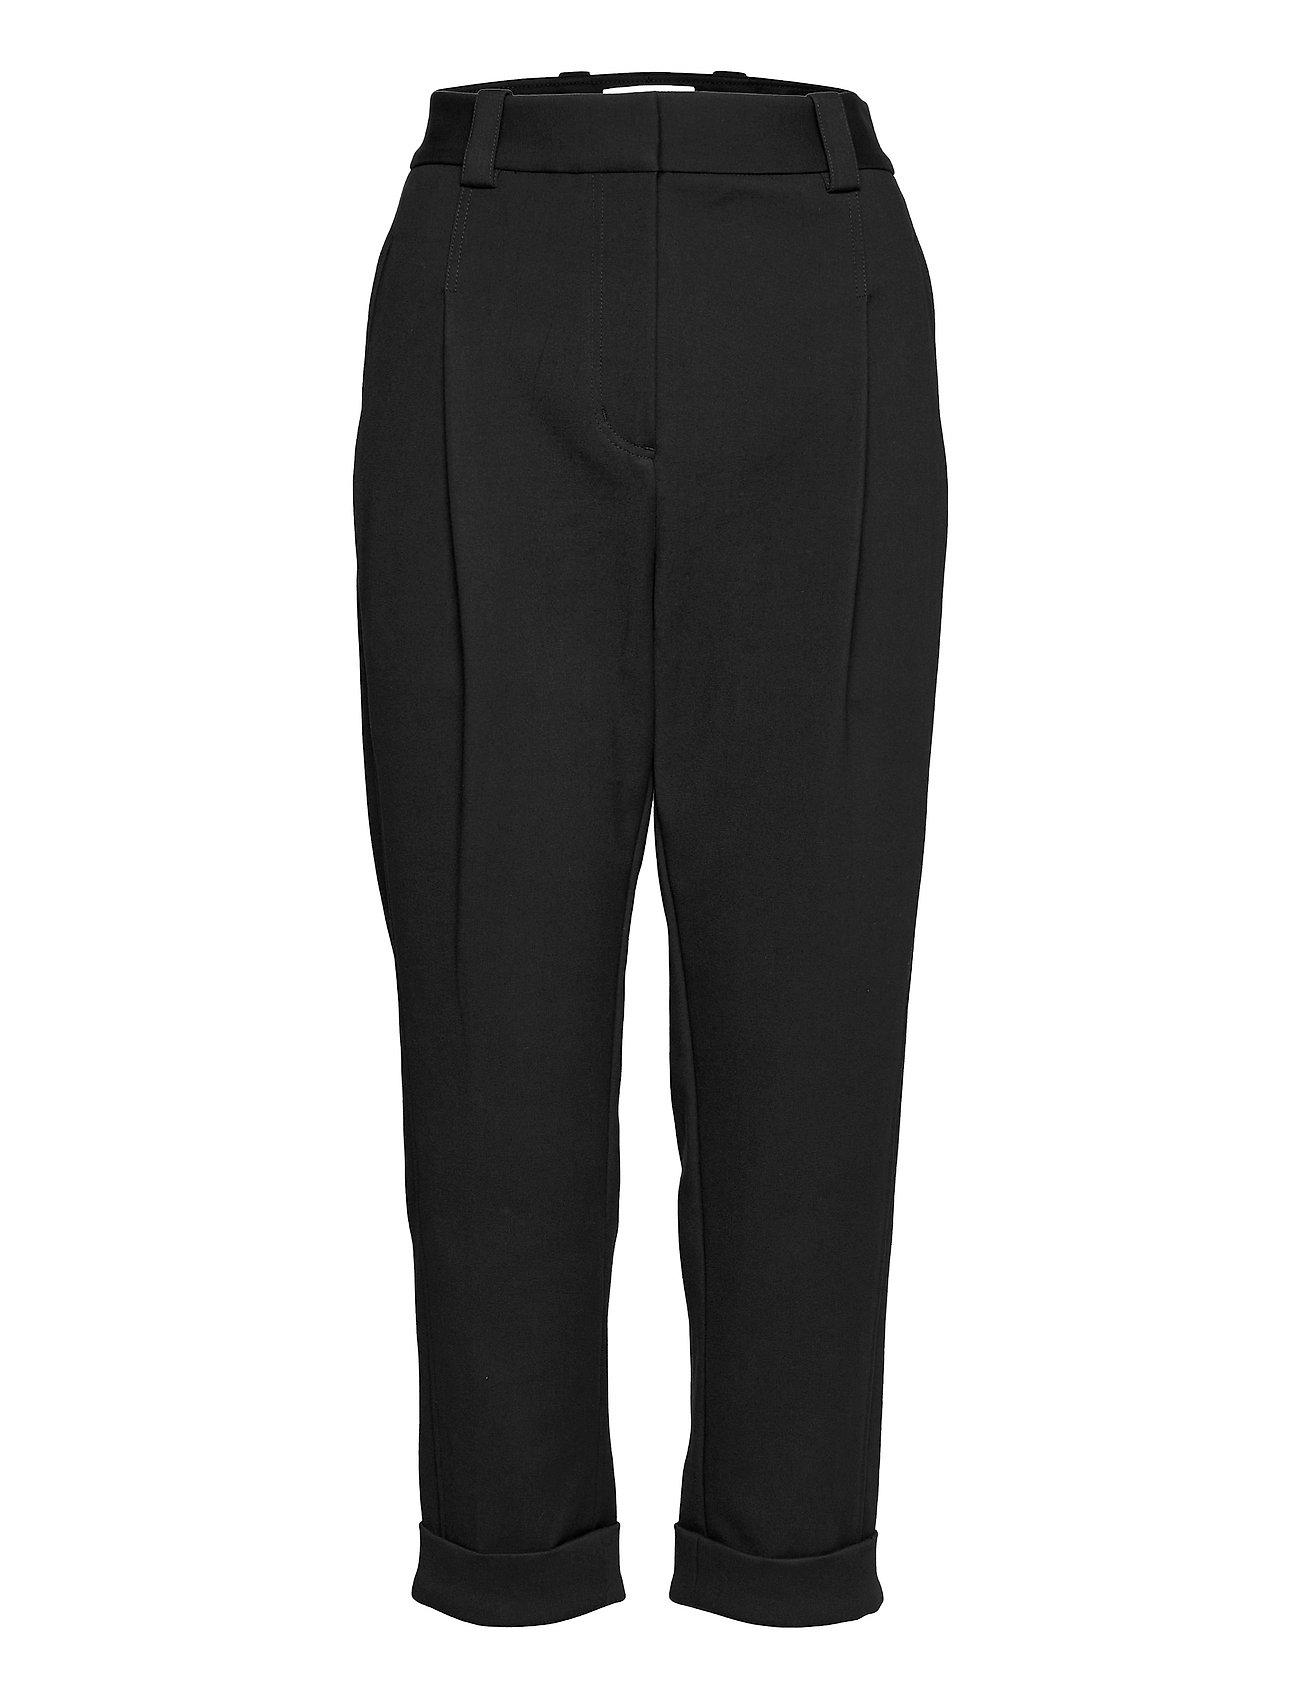 P212-5077elv / Pleat Front Tapered Cuffed Tailored Trouser Bukser Med Lige Ben Sort 3.1 Phillip Lim